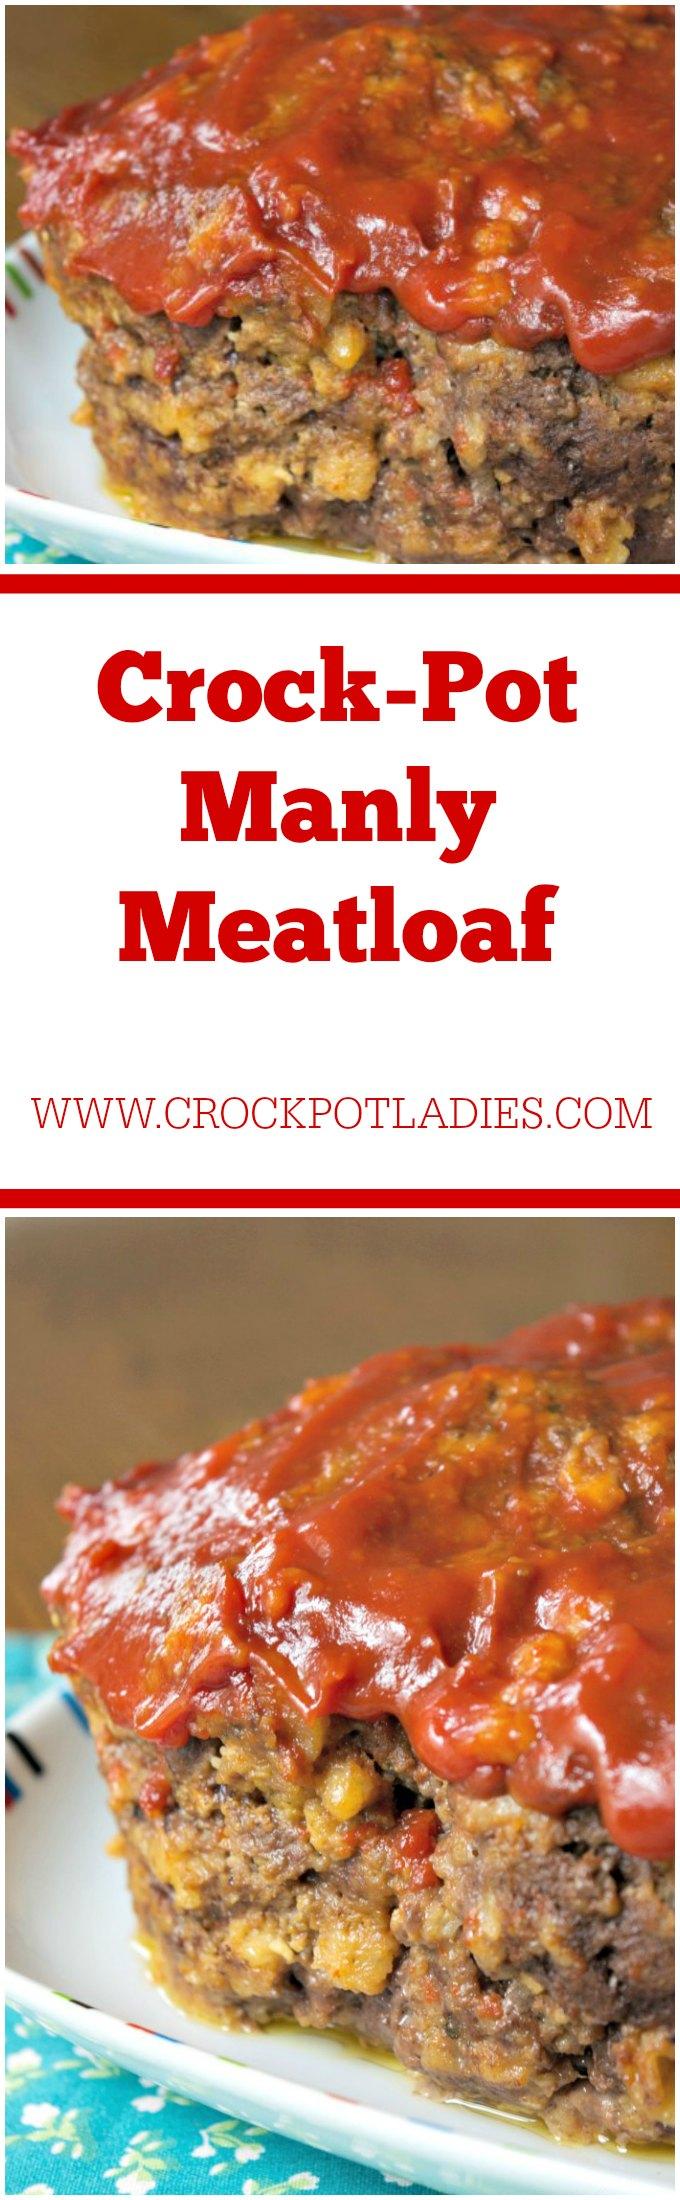 Crock-Pot Manly Meatloaf